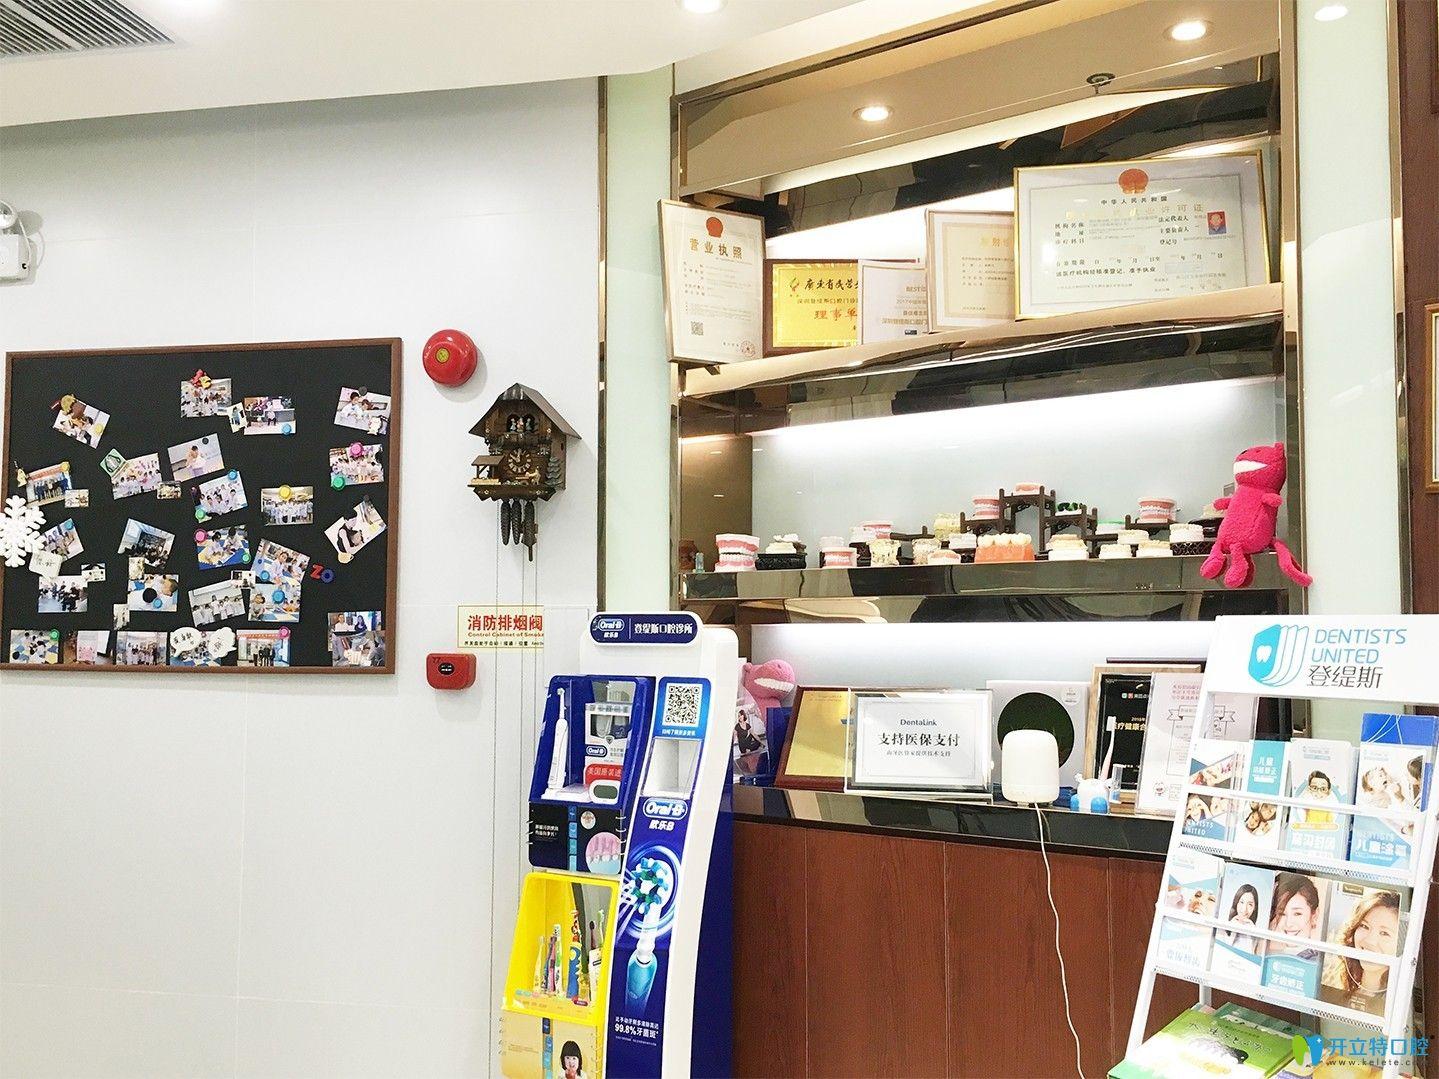 深圳登缇斯口腔牙齿模型展示柜